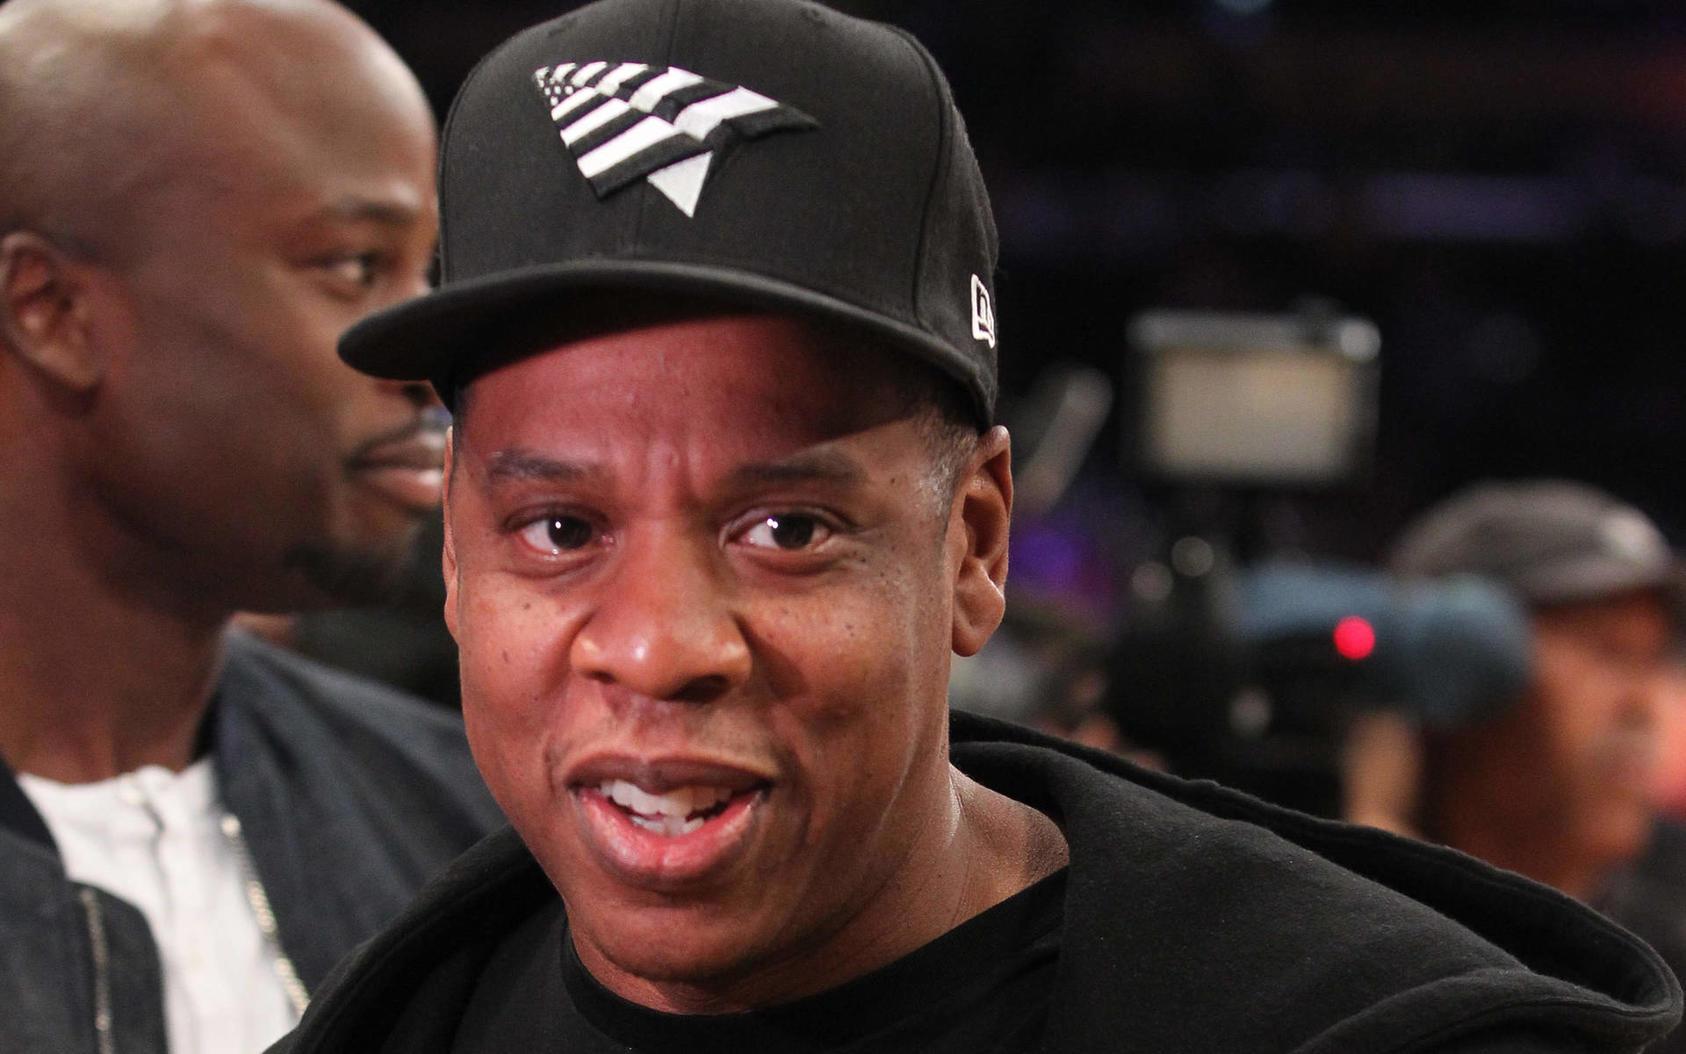 Cardi B glaubt, dass Jay-Z Veränderungen bei der NFL bewirken kann